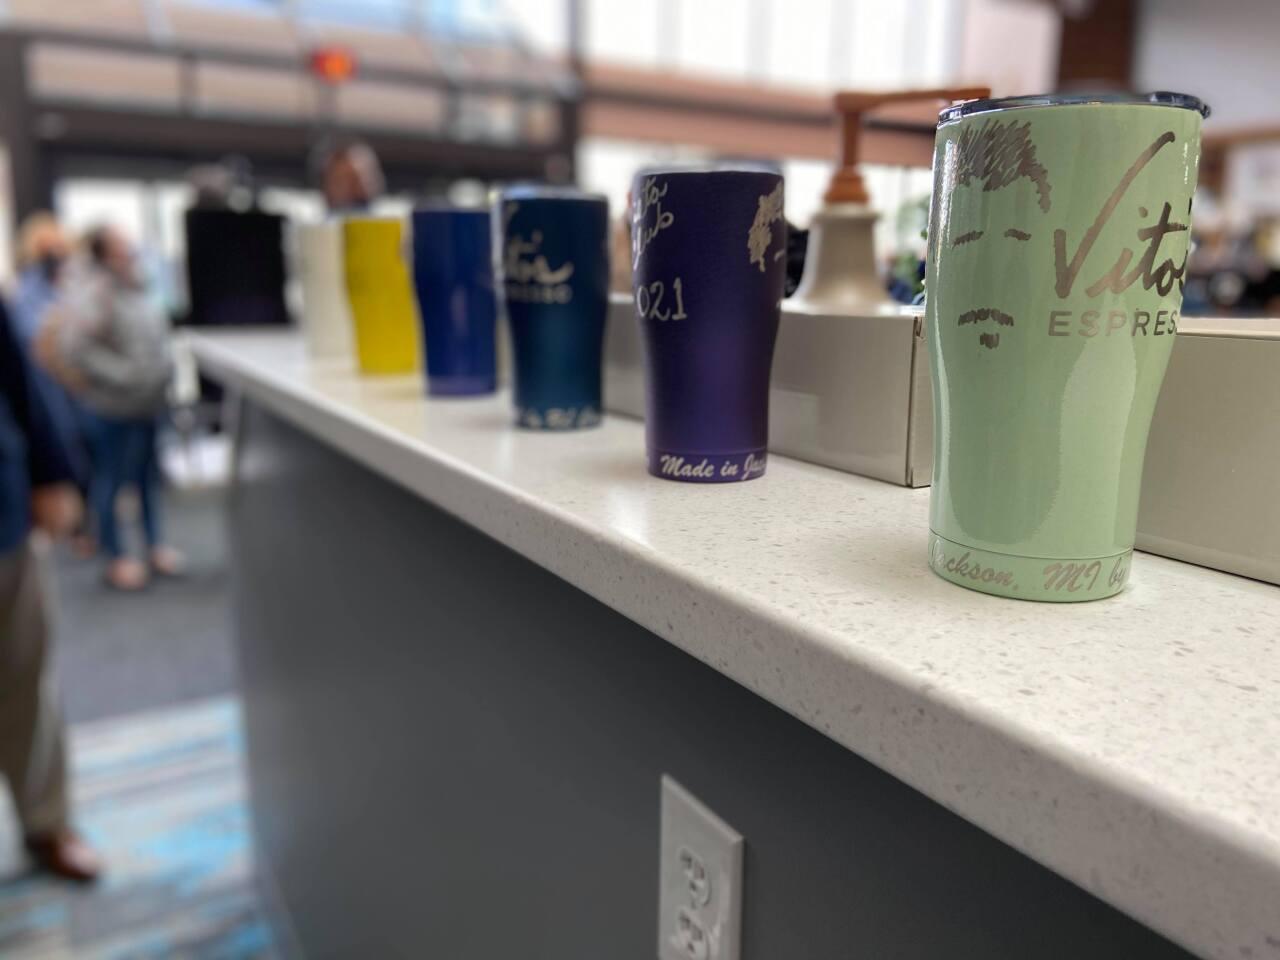 Vito's Espresso  mugs